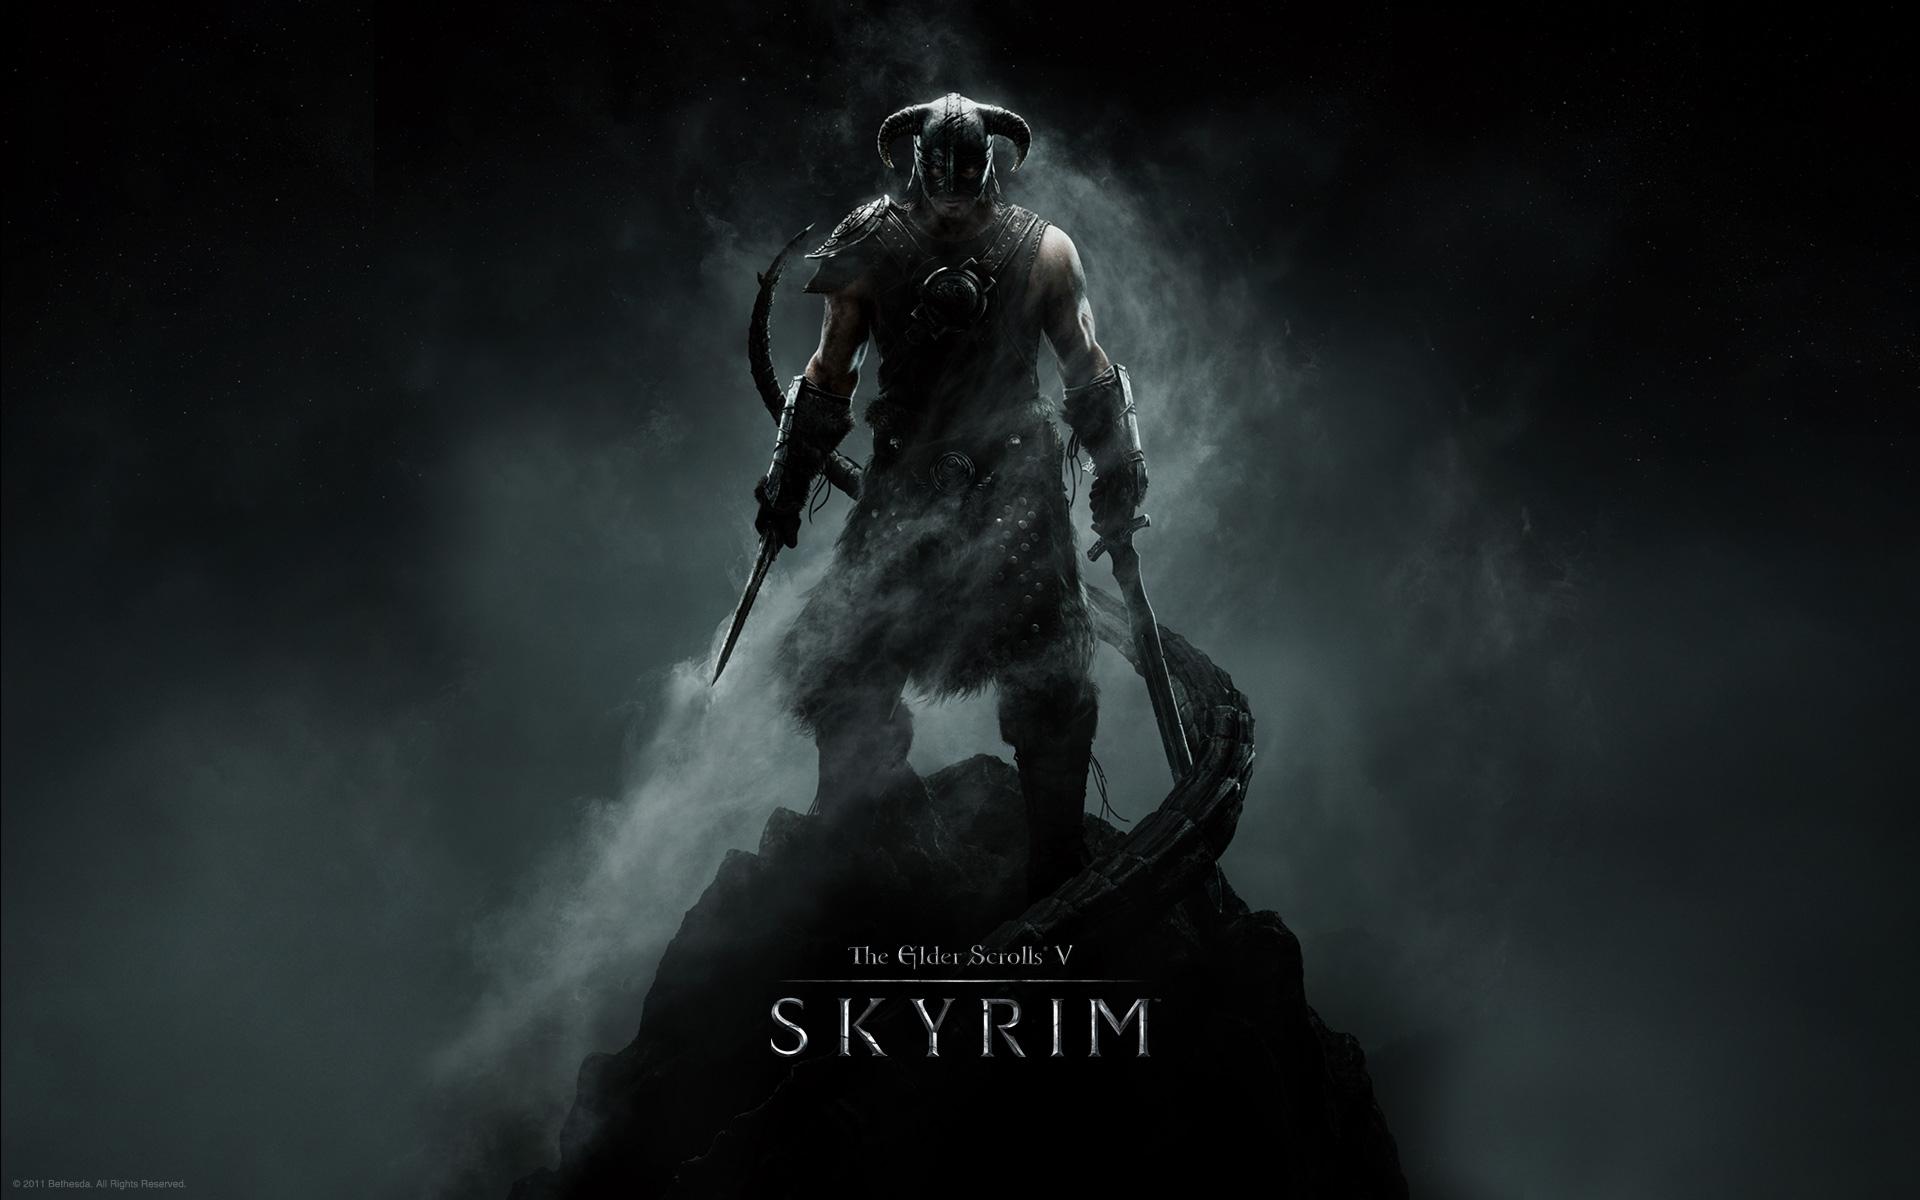 Beliebte Elder Scrolls Bilder für Mobiltelefone